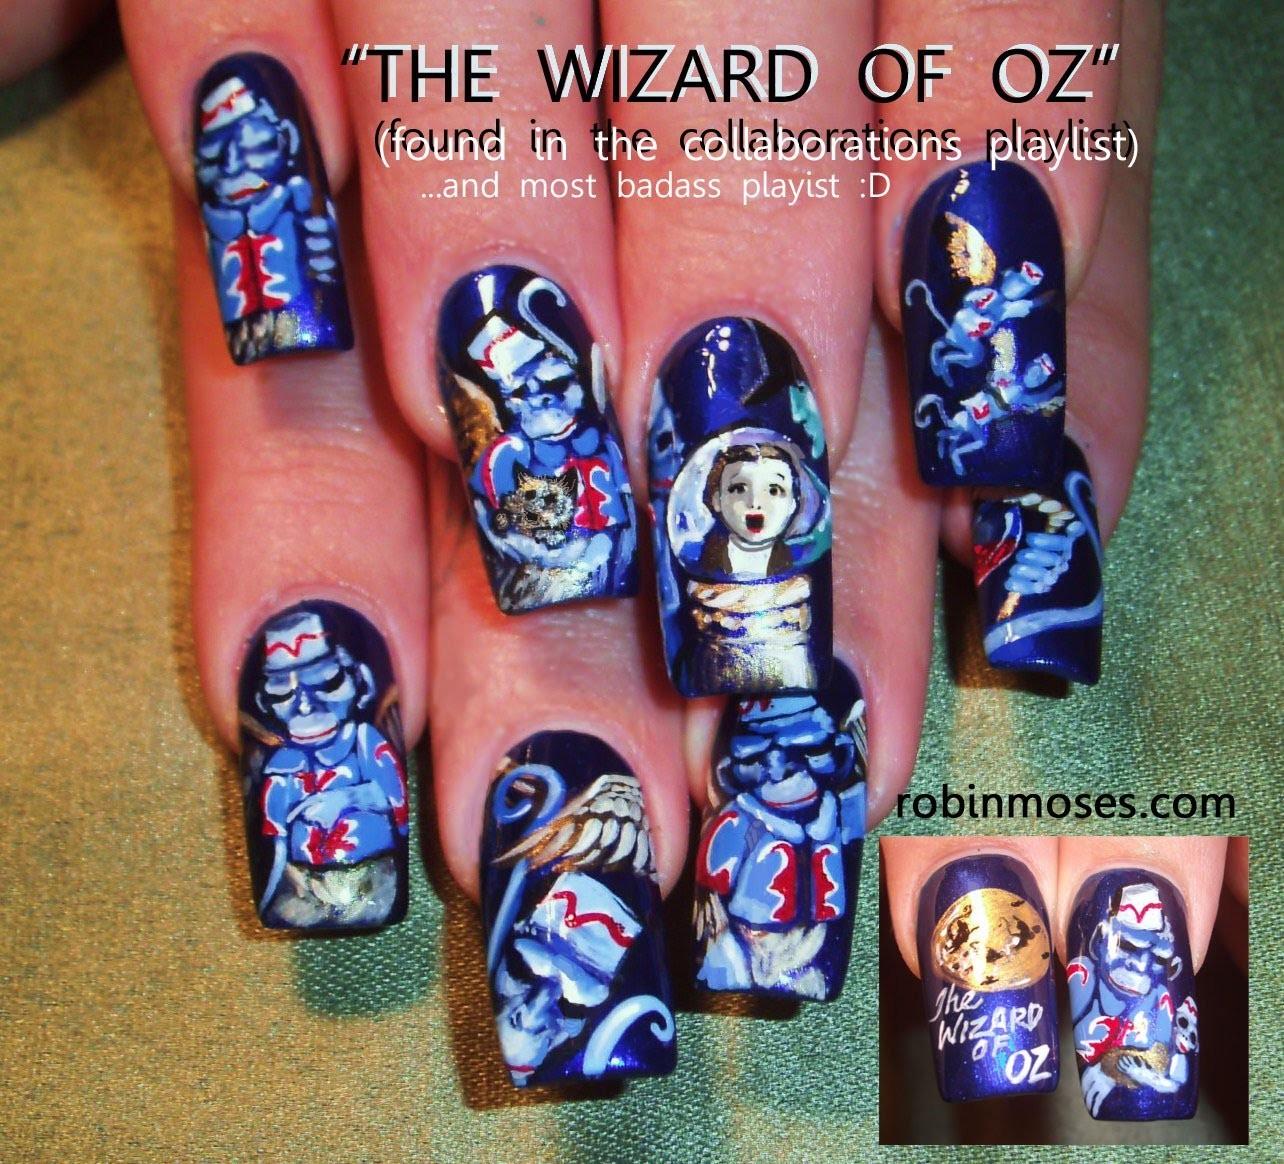 10 Nail Art Tutorials | DIY Nail Art Designs for Long Nails | The Wizard of Oz